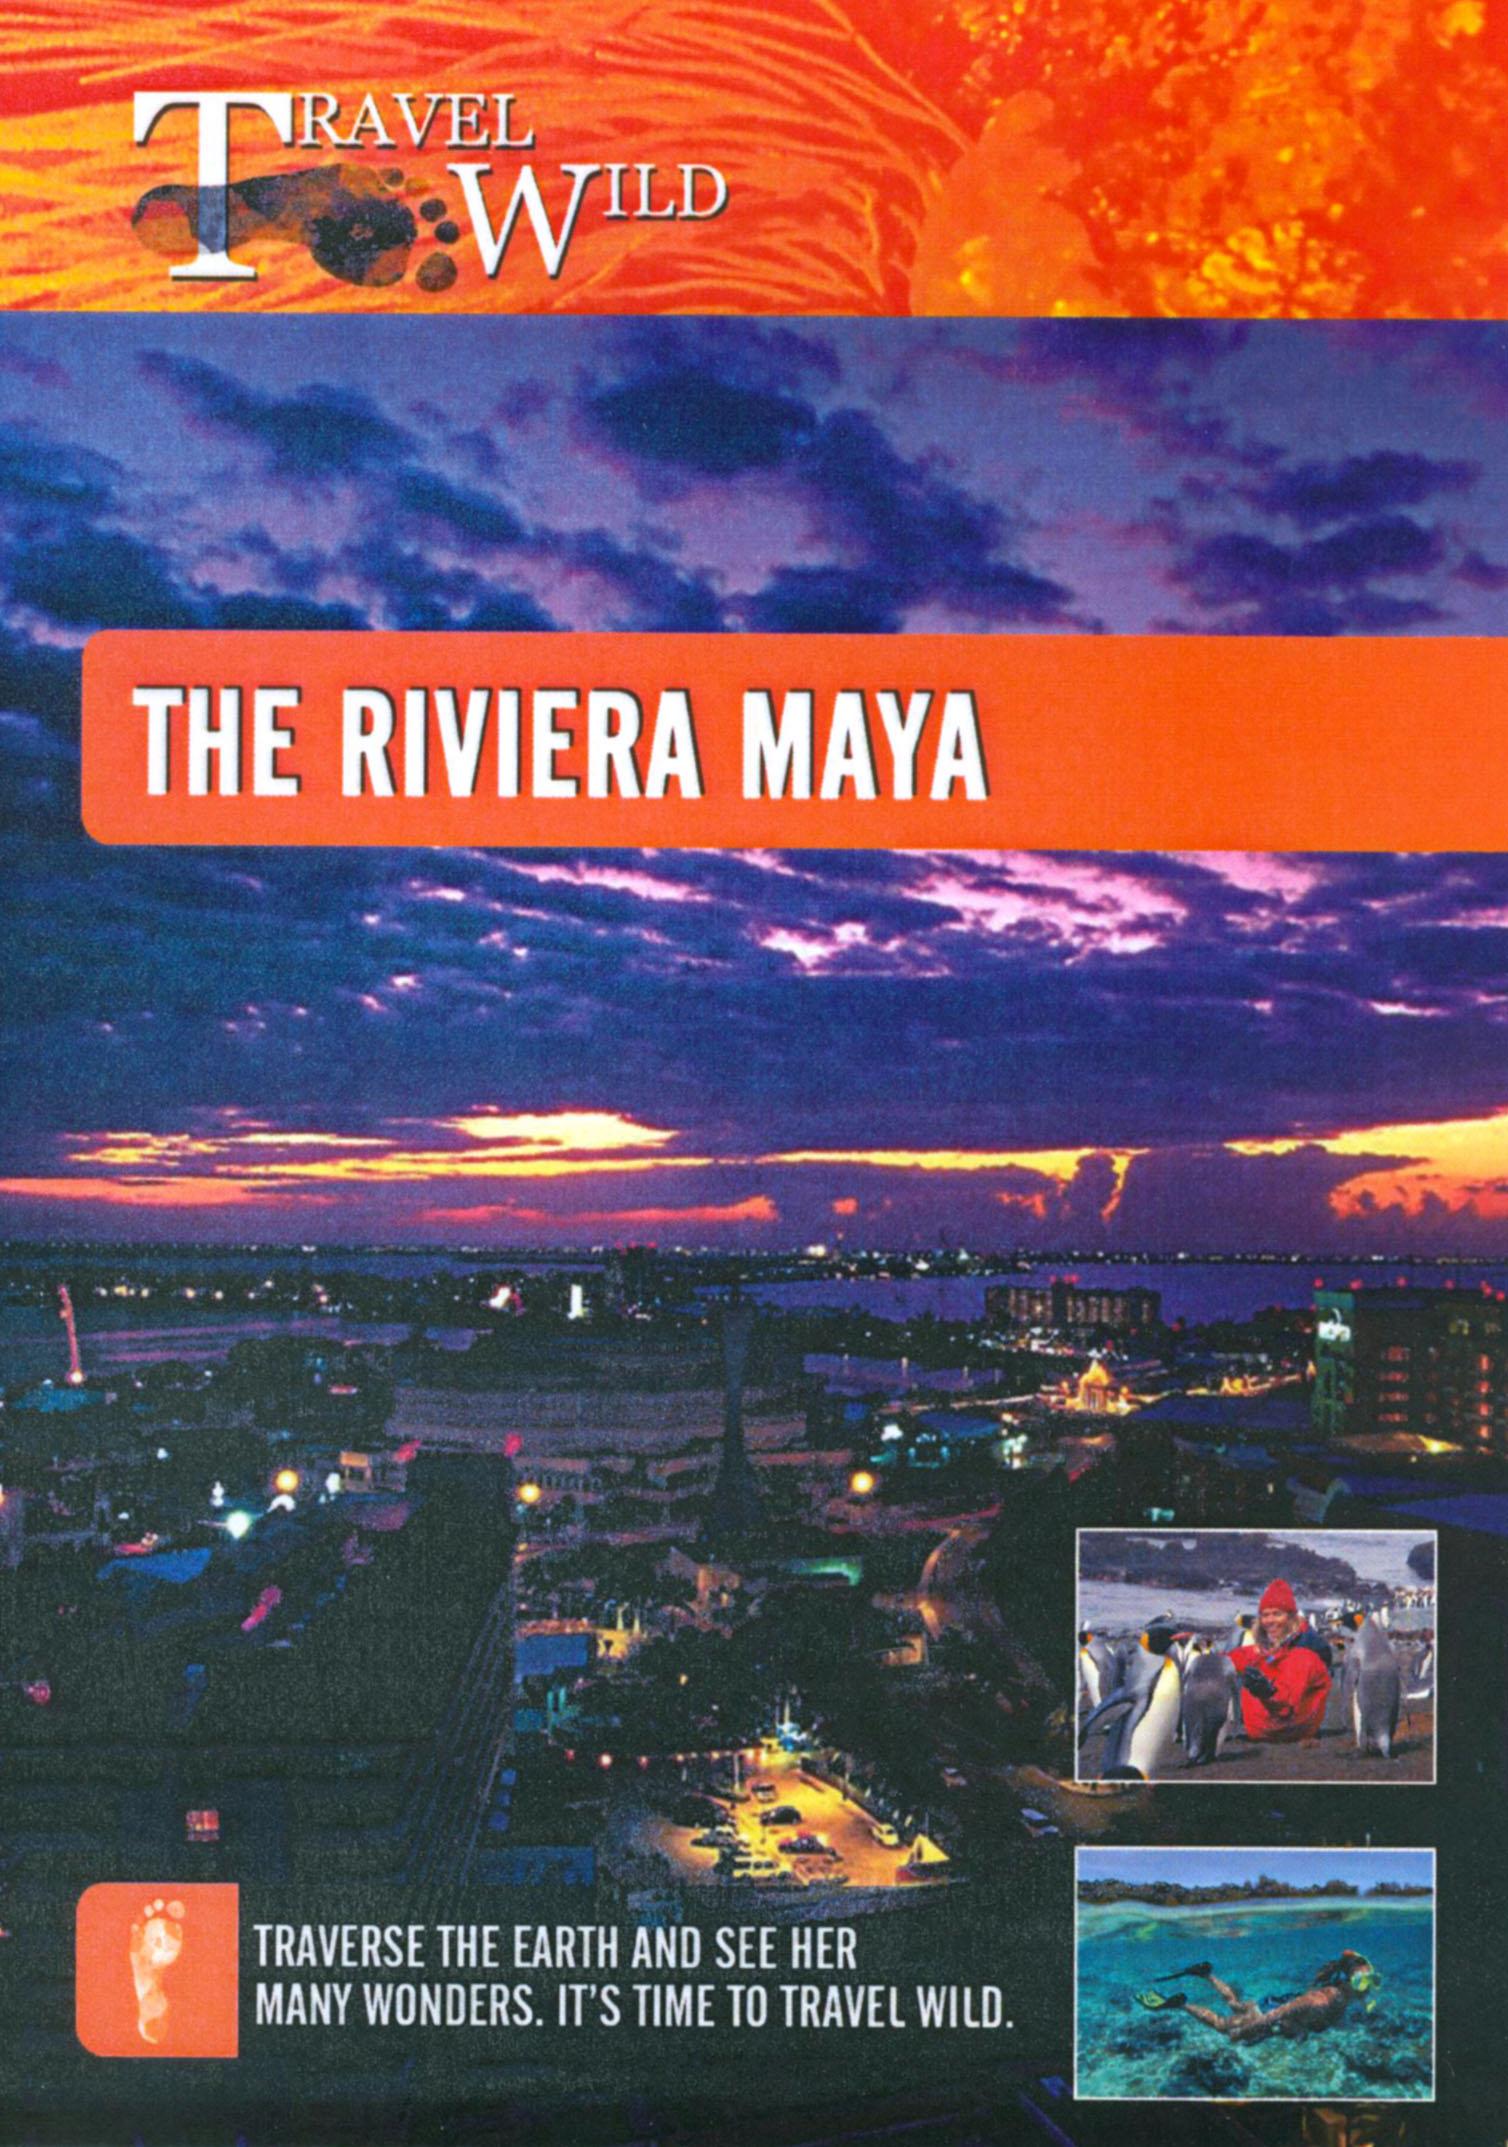 Travel Wild: The Riviera Maya